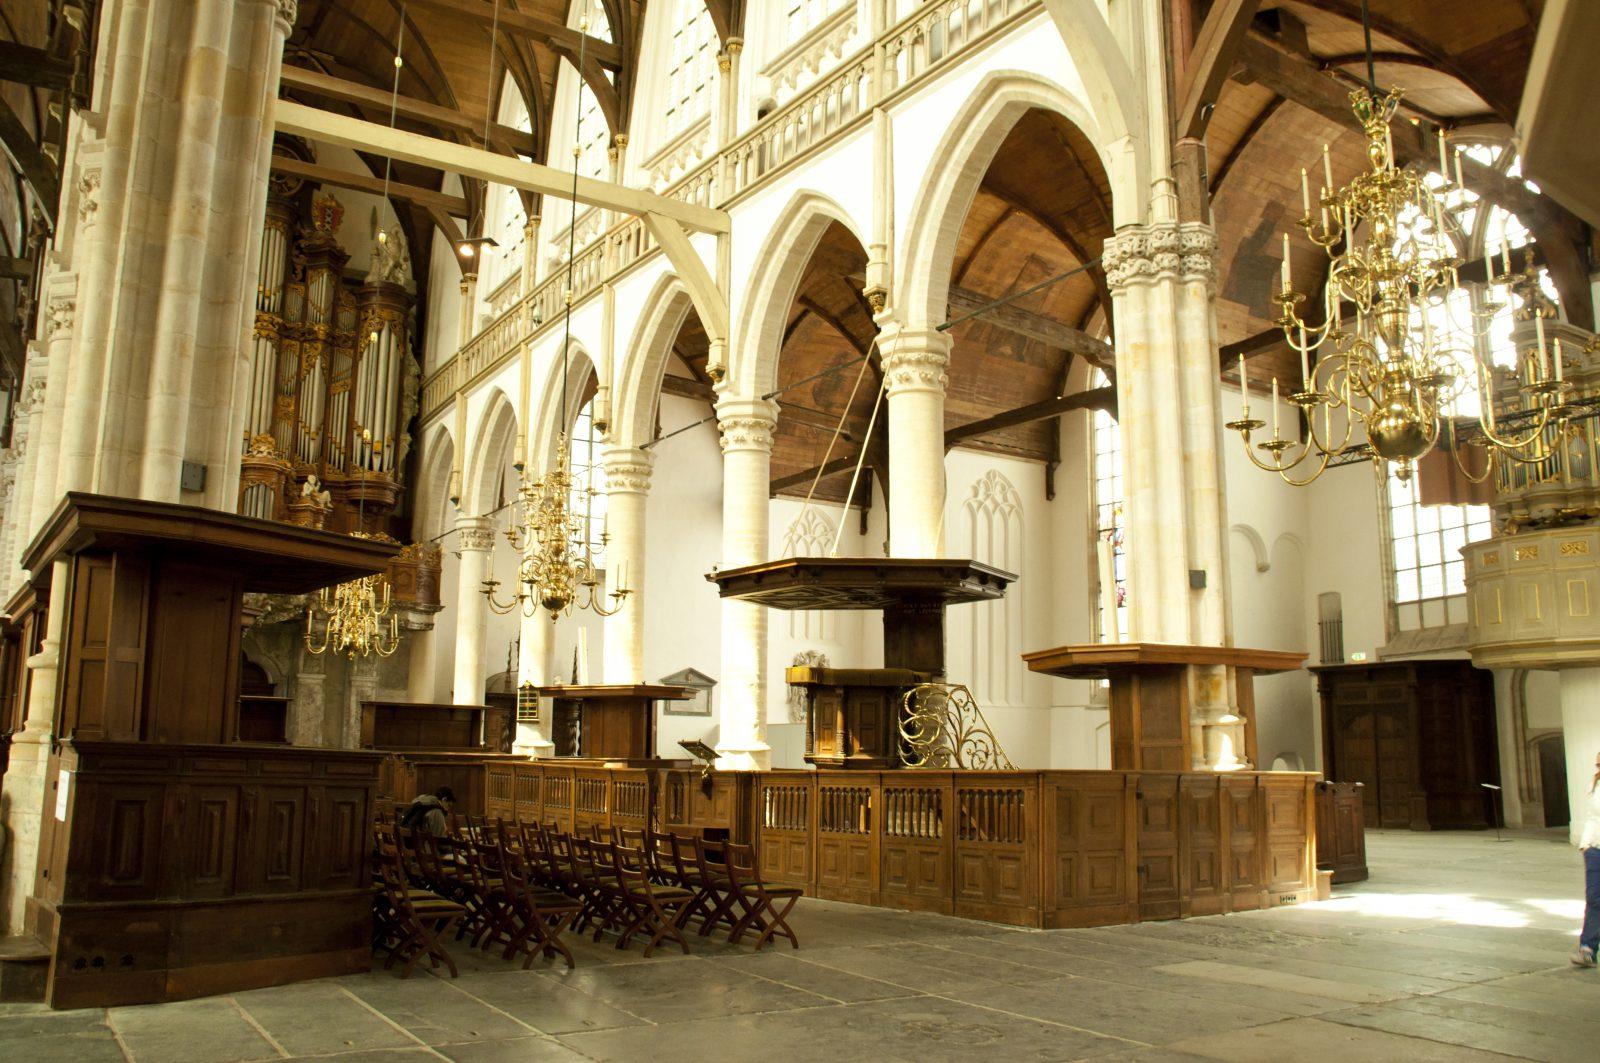 Kerstavond in de Oude Kerk